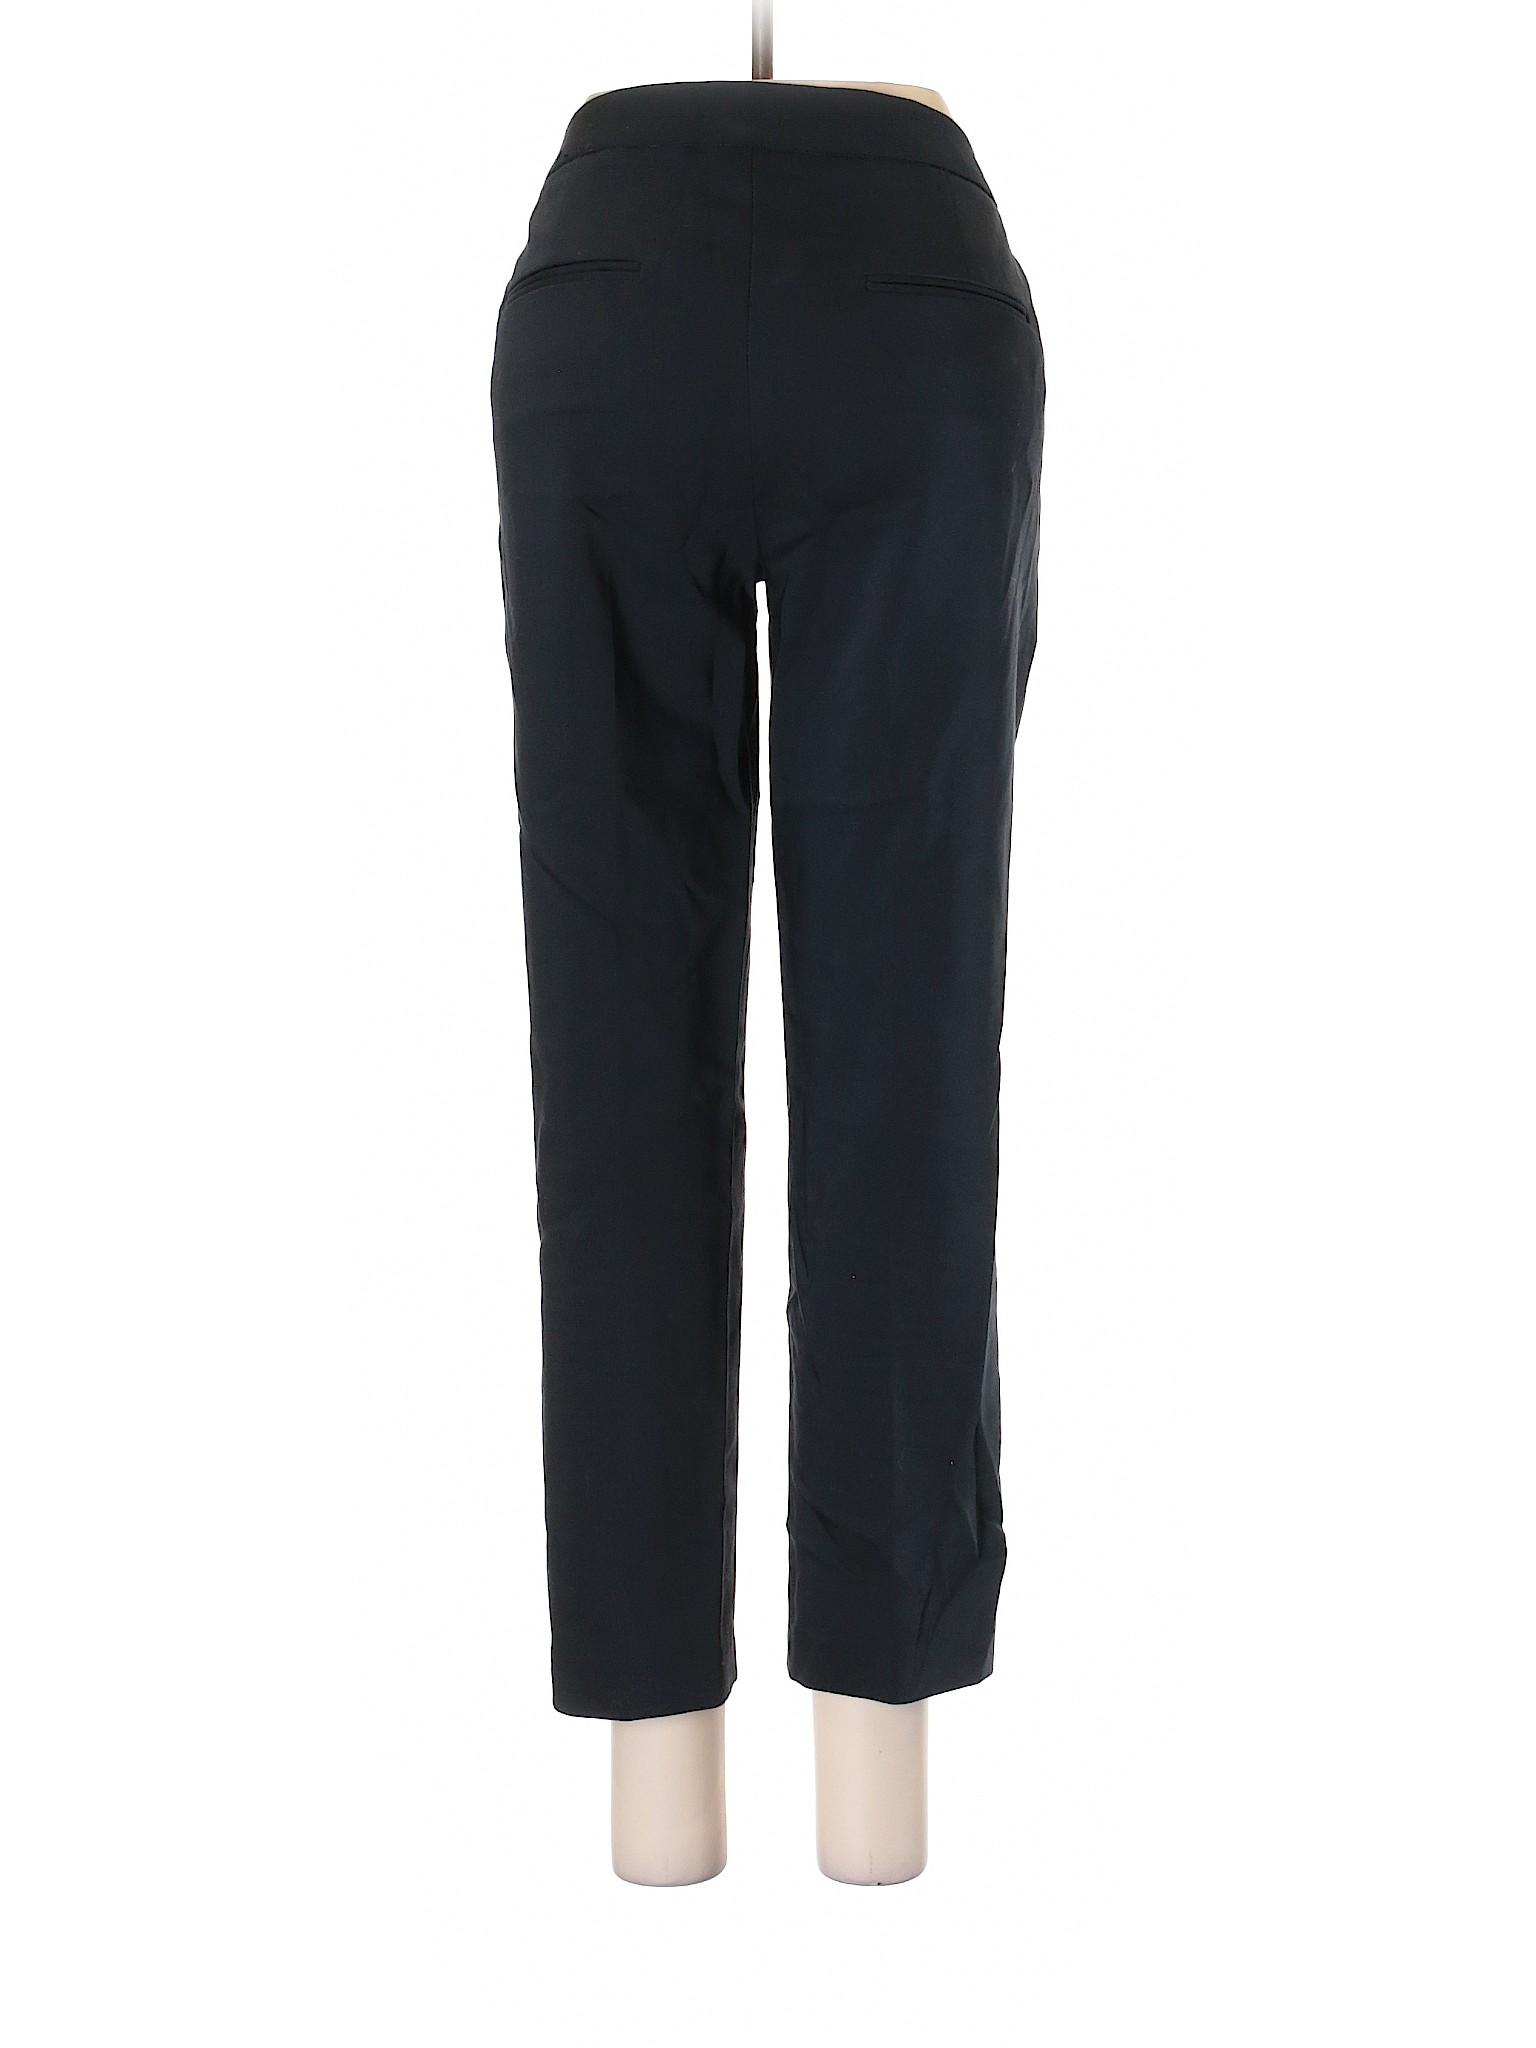 Chelsea Dress Boutique Pants Amanda leisure EqnT0